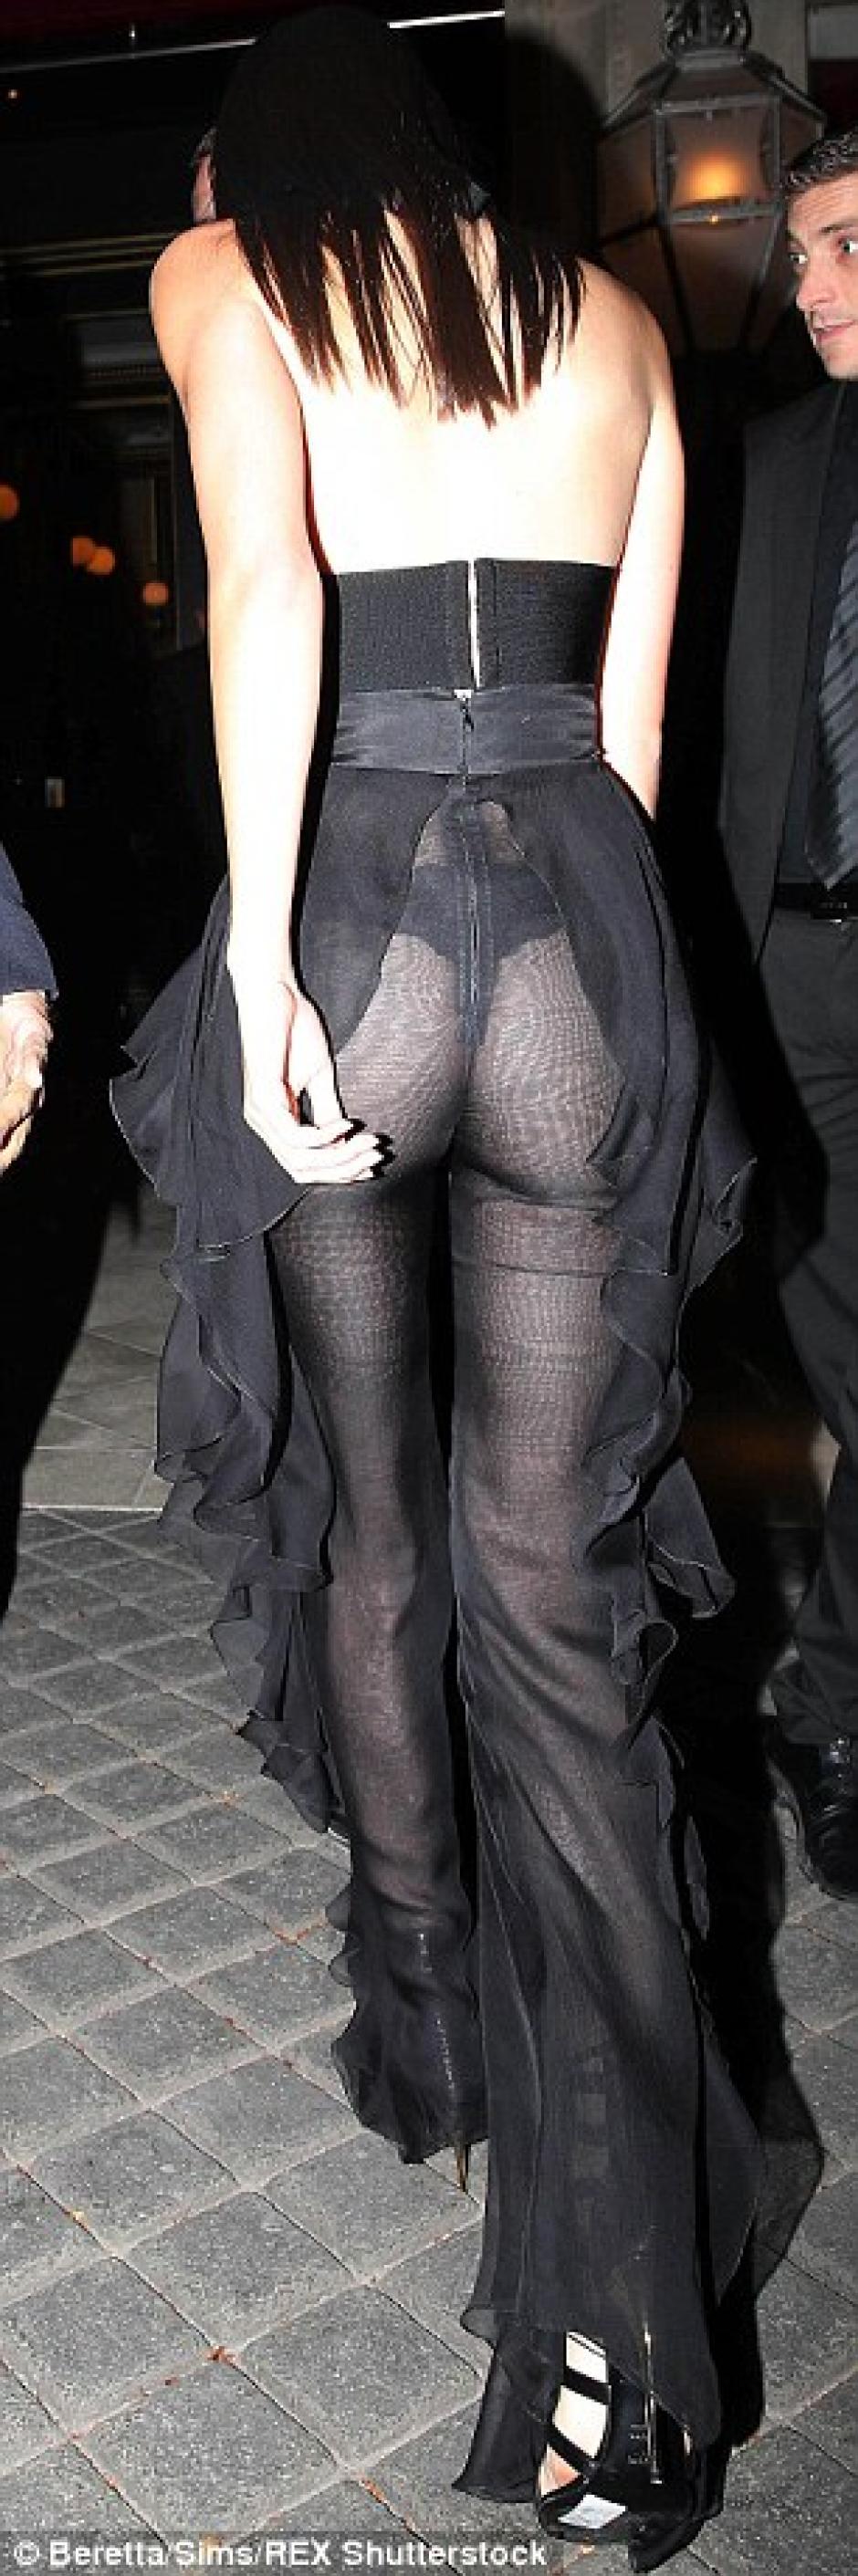 La ropa interior de la joven celebridad quedó expuesta ante todos en París. (Foto. dailymail.co.uk)